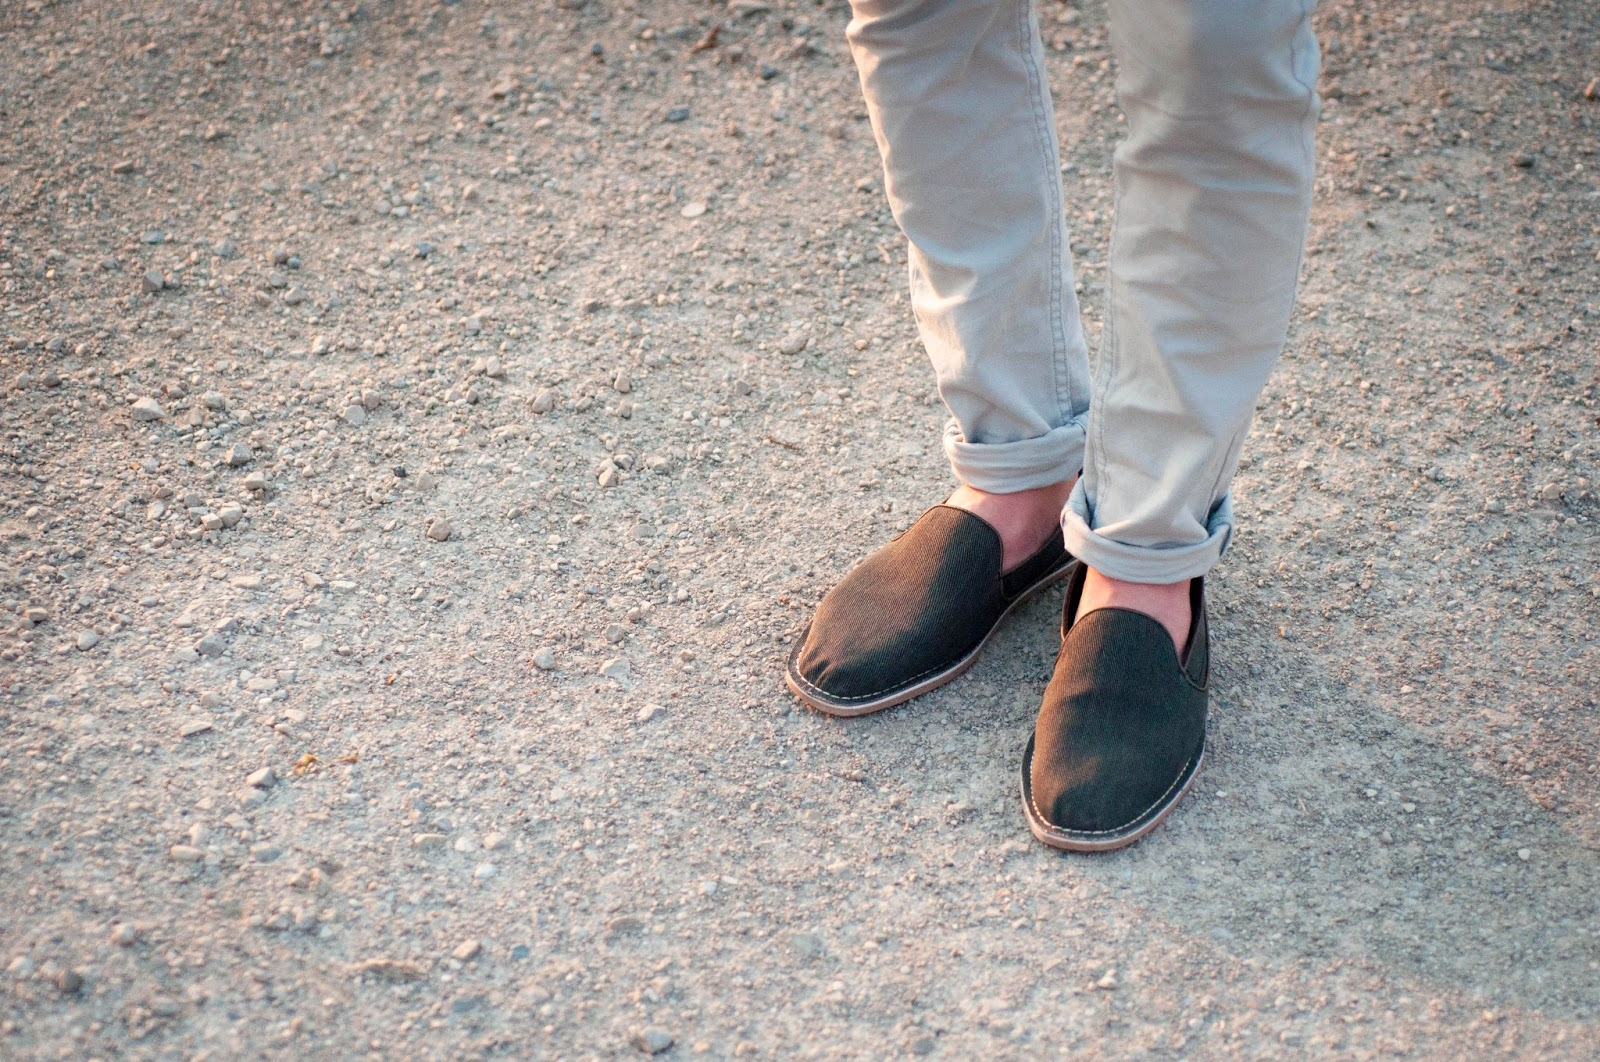 mens fashion, mens shoes, mens style, zara shoes, zara mens shoes, slip on shoes, all saints cigarette jeans, all saints